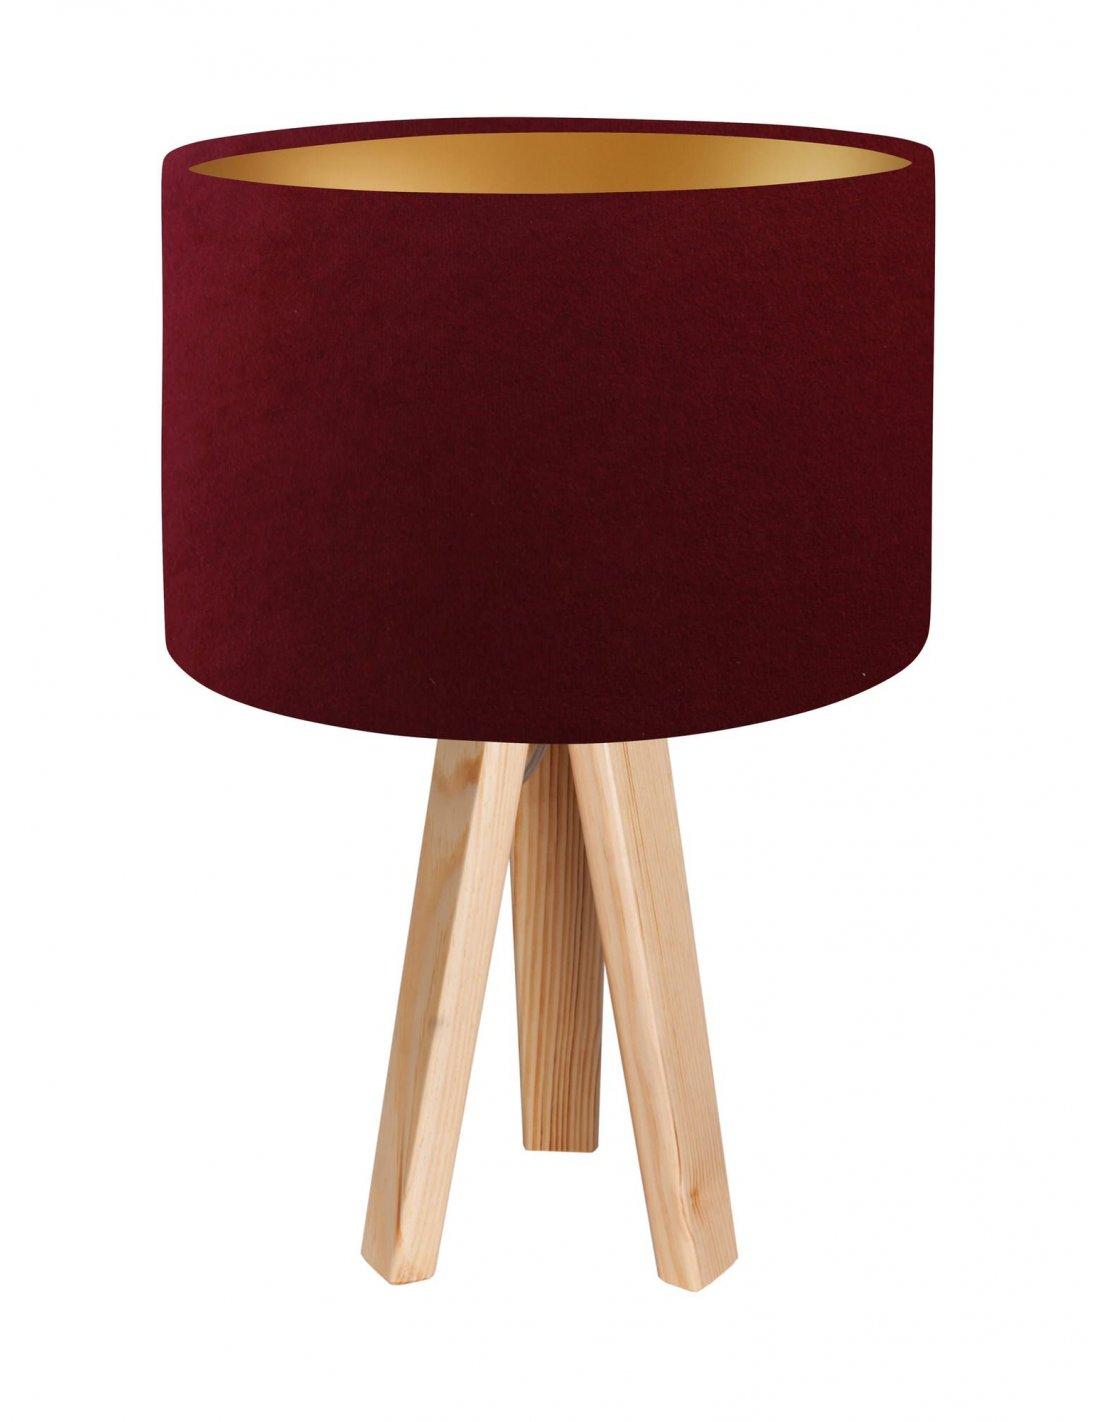 Chevet Lampe Foncé Intérieur Koncept Avec Rouge Dorébps De Glamour bvI6fY7gym